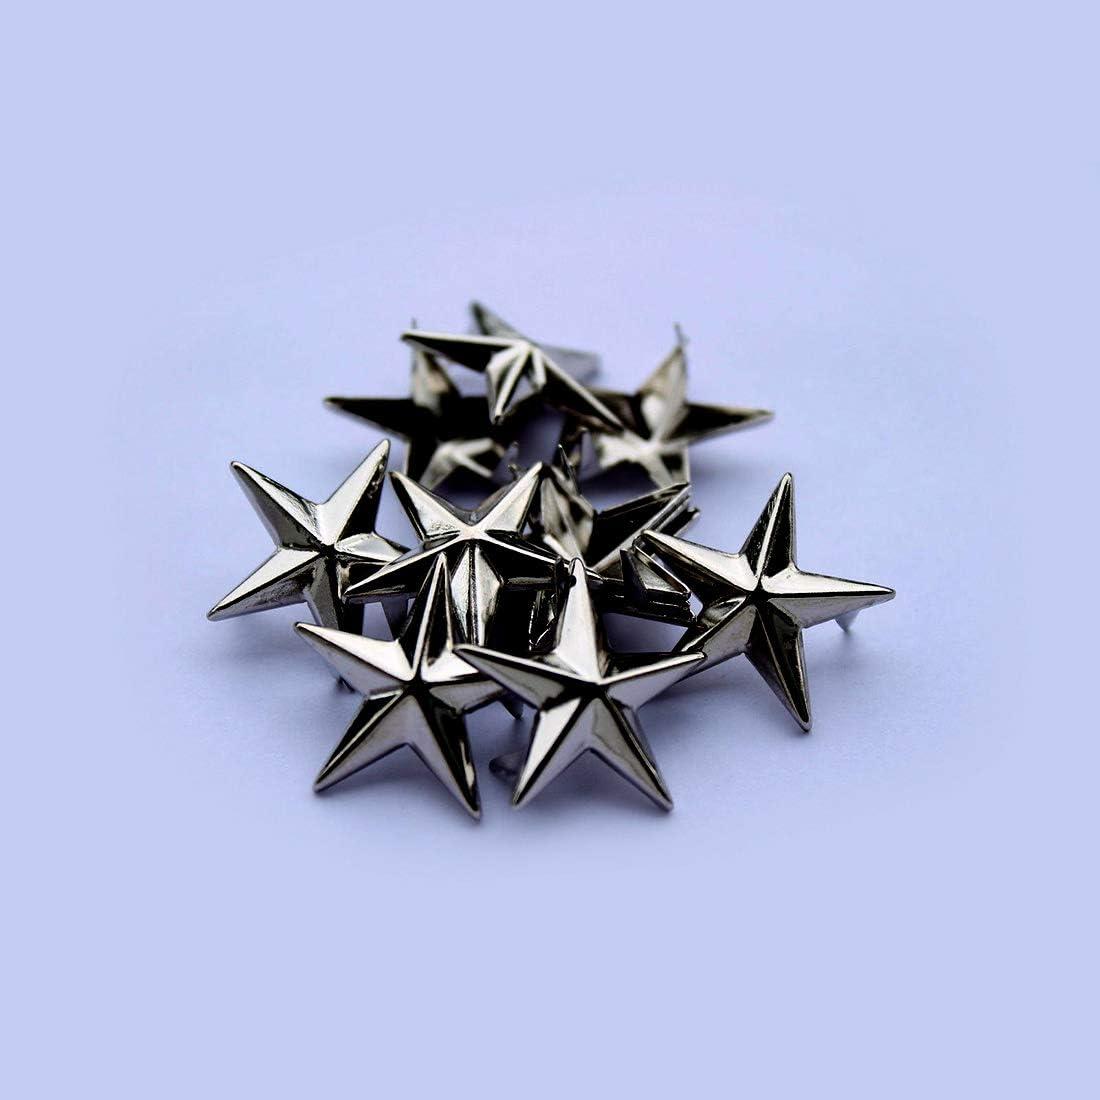 Nero Scrapbooking Nailhead Punk Decorativo Pressione a Mano Spuntoni per Fai da Te Goth /& Accessori alla Moda 10mm Trimming Shop Star Borchie Artiglio Rivetti